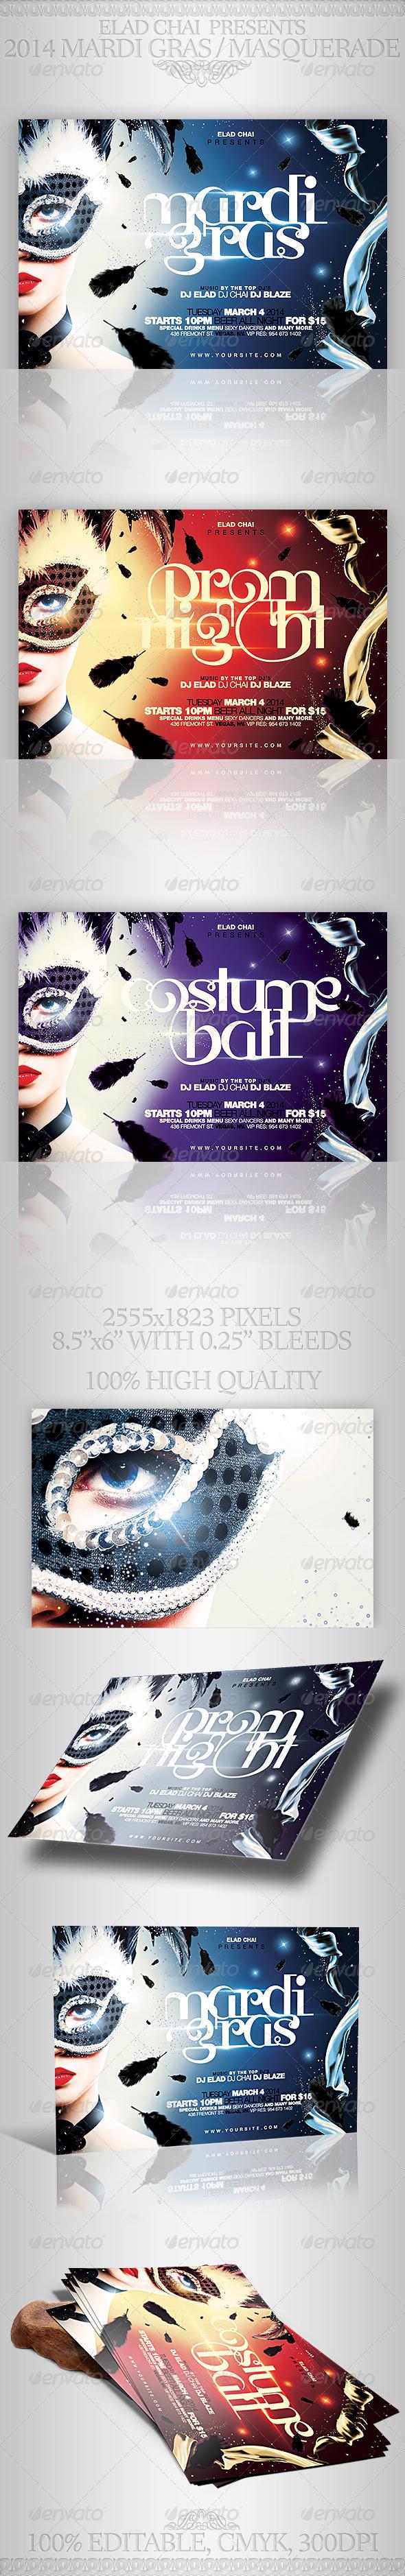 GraphicRiver 2014 Mardi Gras & Masquerade Flyer Template 6906877